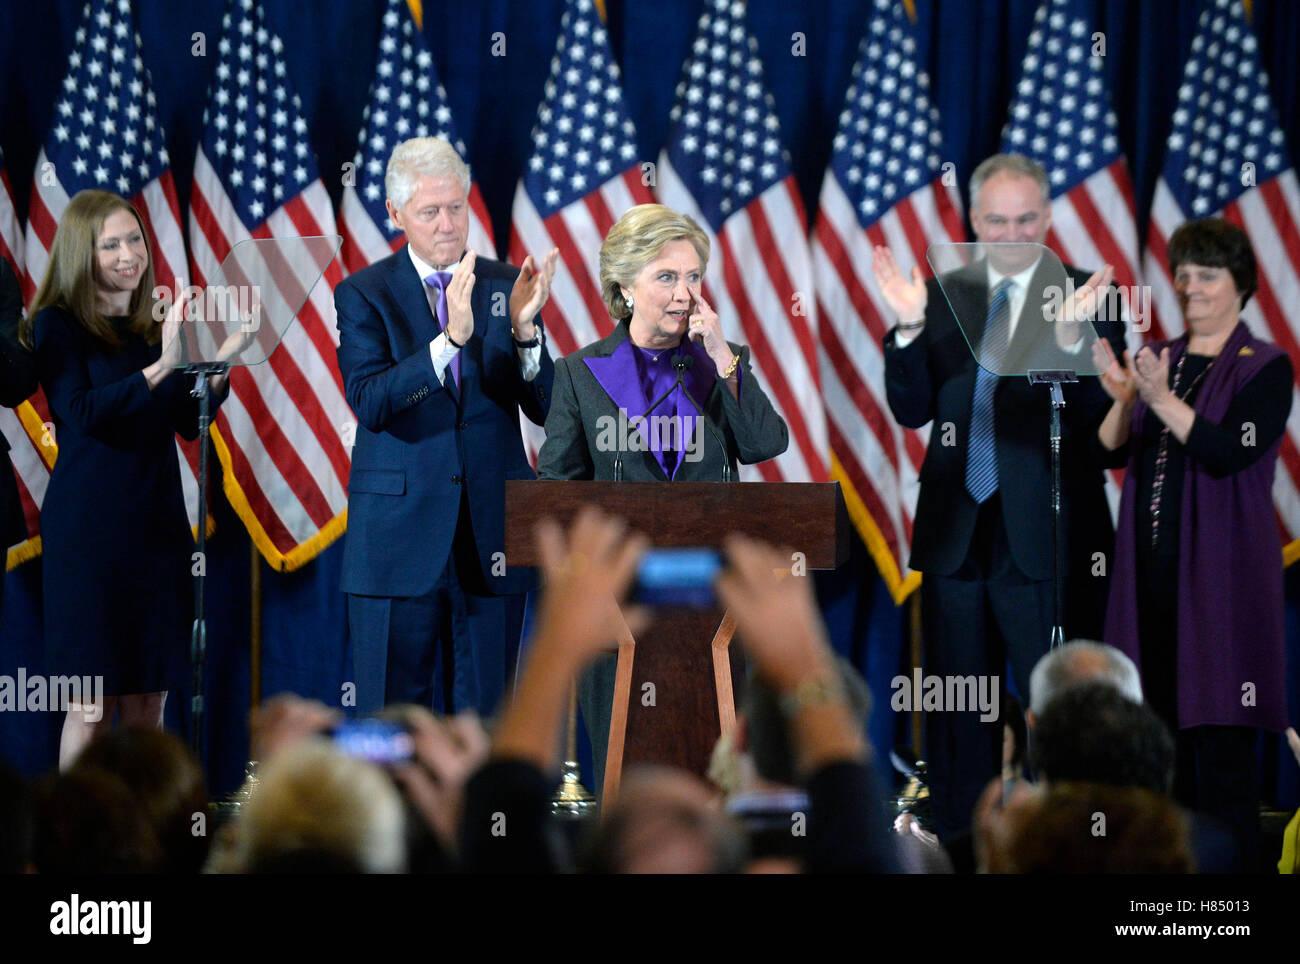 Demokratischen Präsidentschaftskandidaten Hillary Clinton liefert ihr Zugeständnis Rede Mittwoch, vom Stockbild